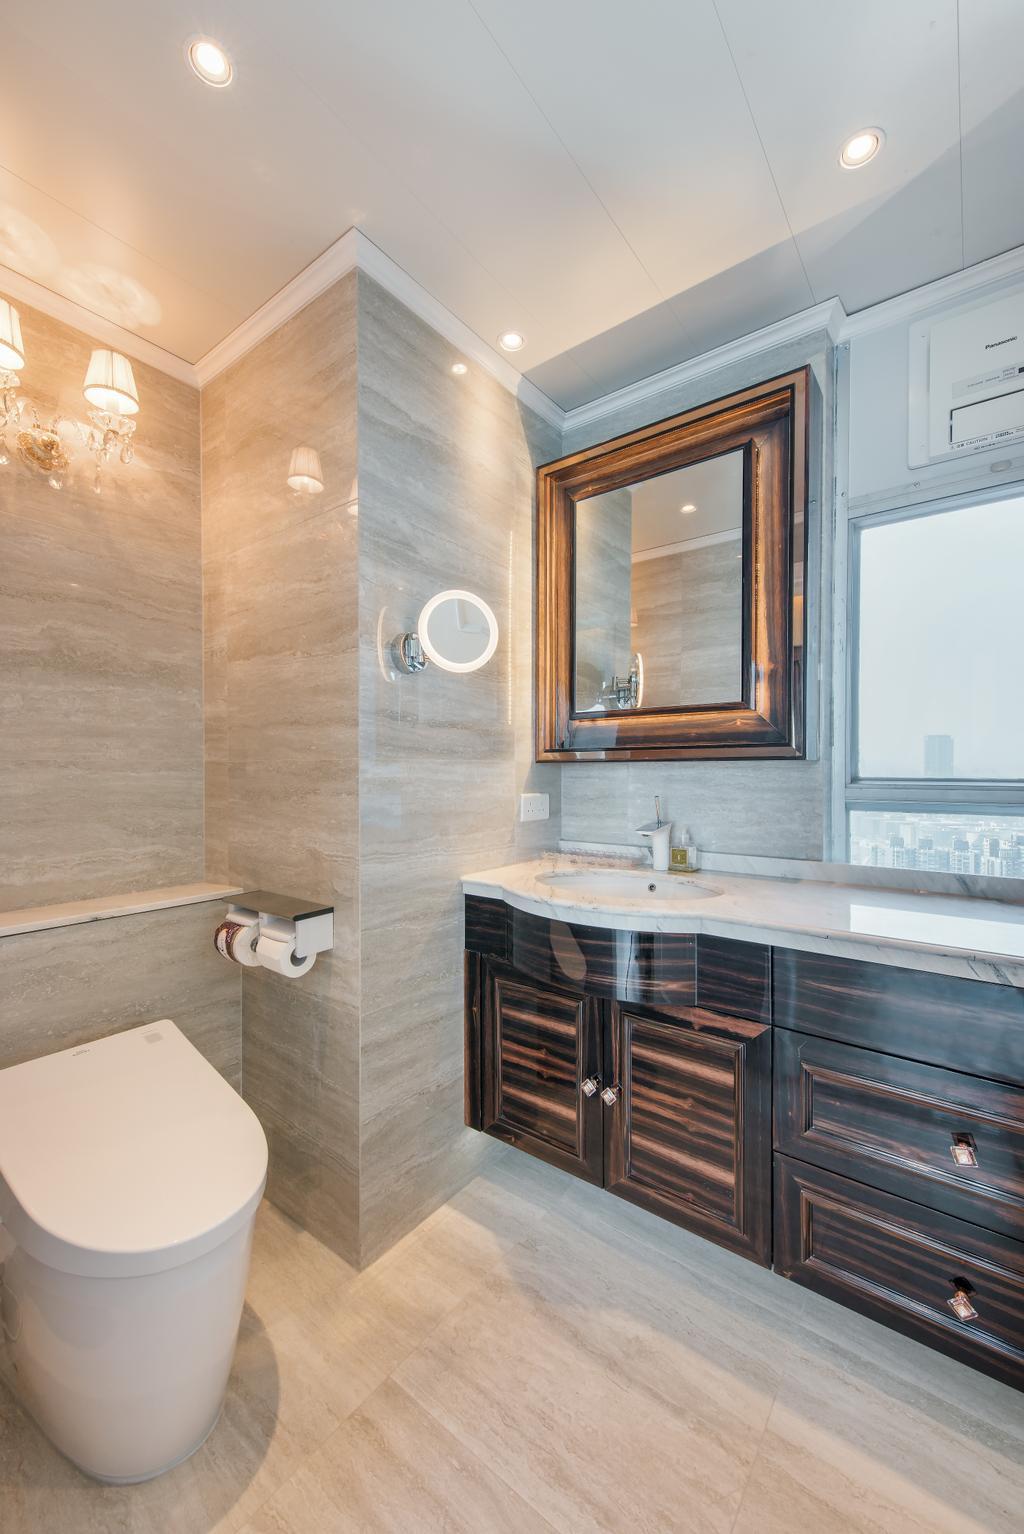 摩登, 私家樓, 浴室, 海明軒, 室內設計師, Space Design, Sink, Indoors, Interior Design, Room